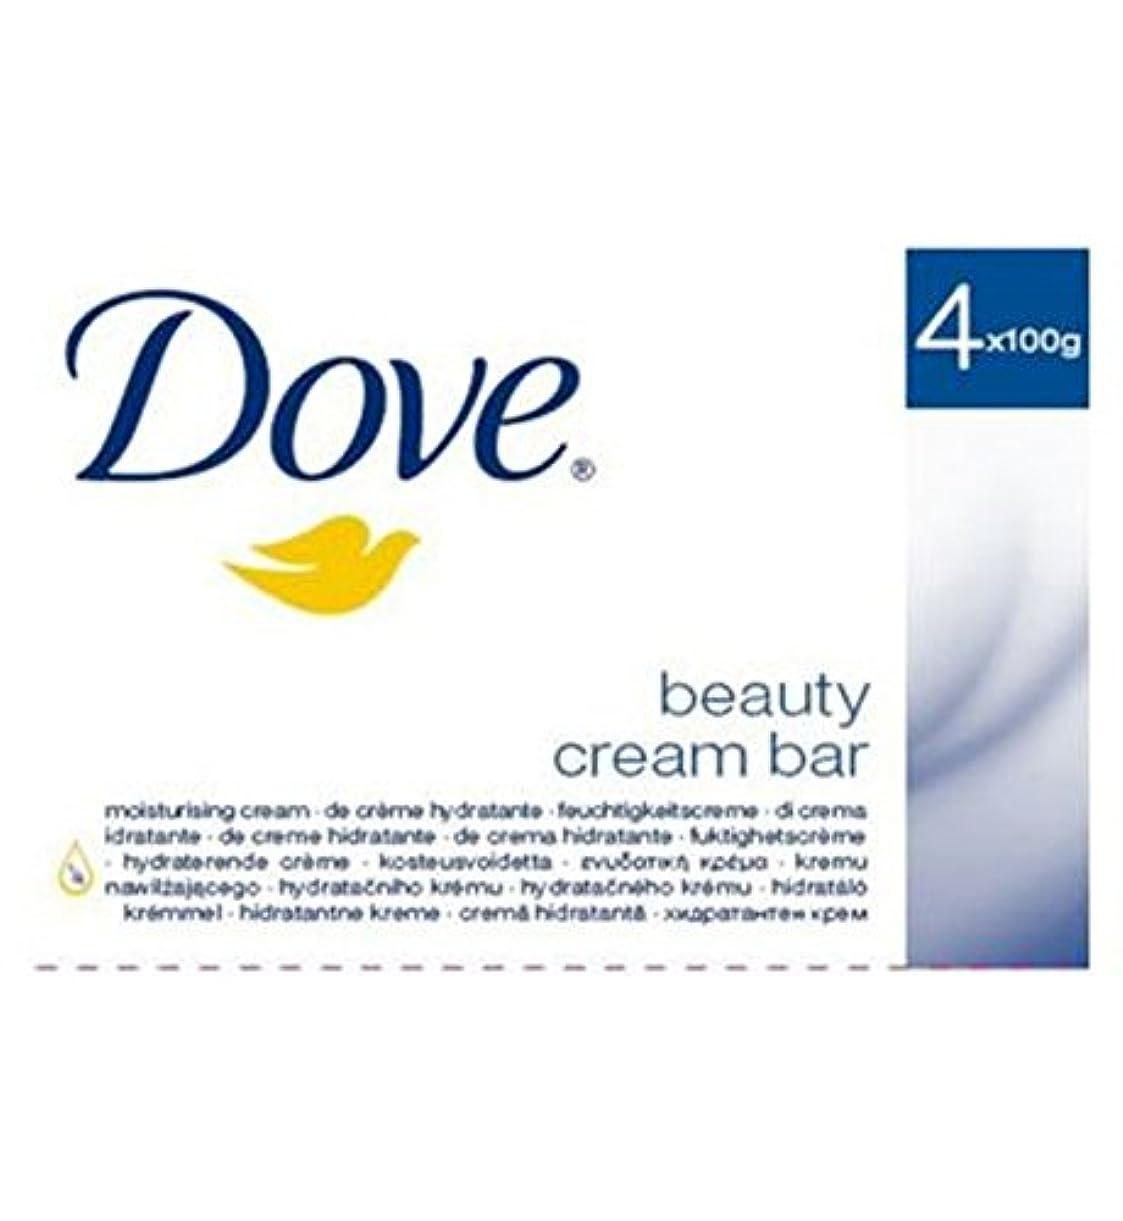 病者容器差別するDove Original Beauty Cream Bar 4 x 100g - 鳩元の美しさのクリームバー4のX 100グラム (Dove) [並行輸入品]